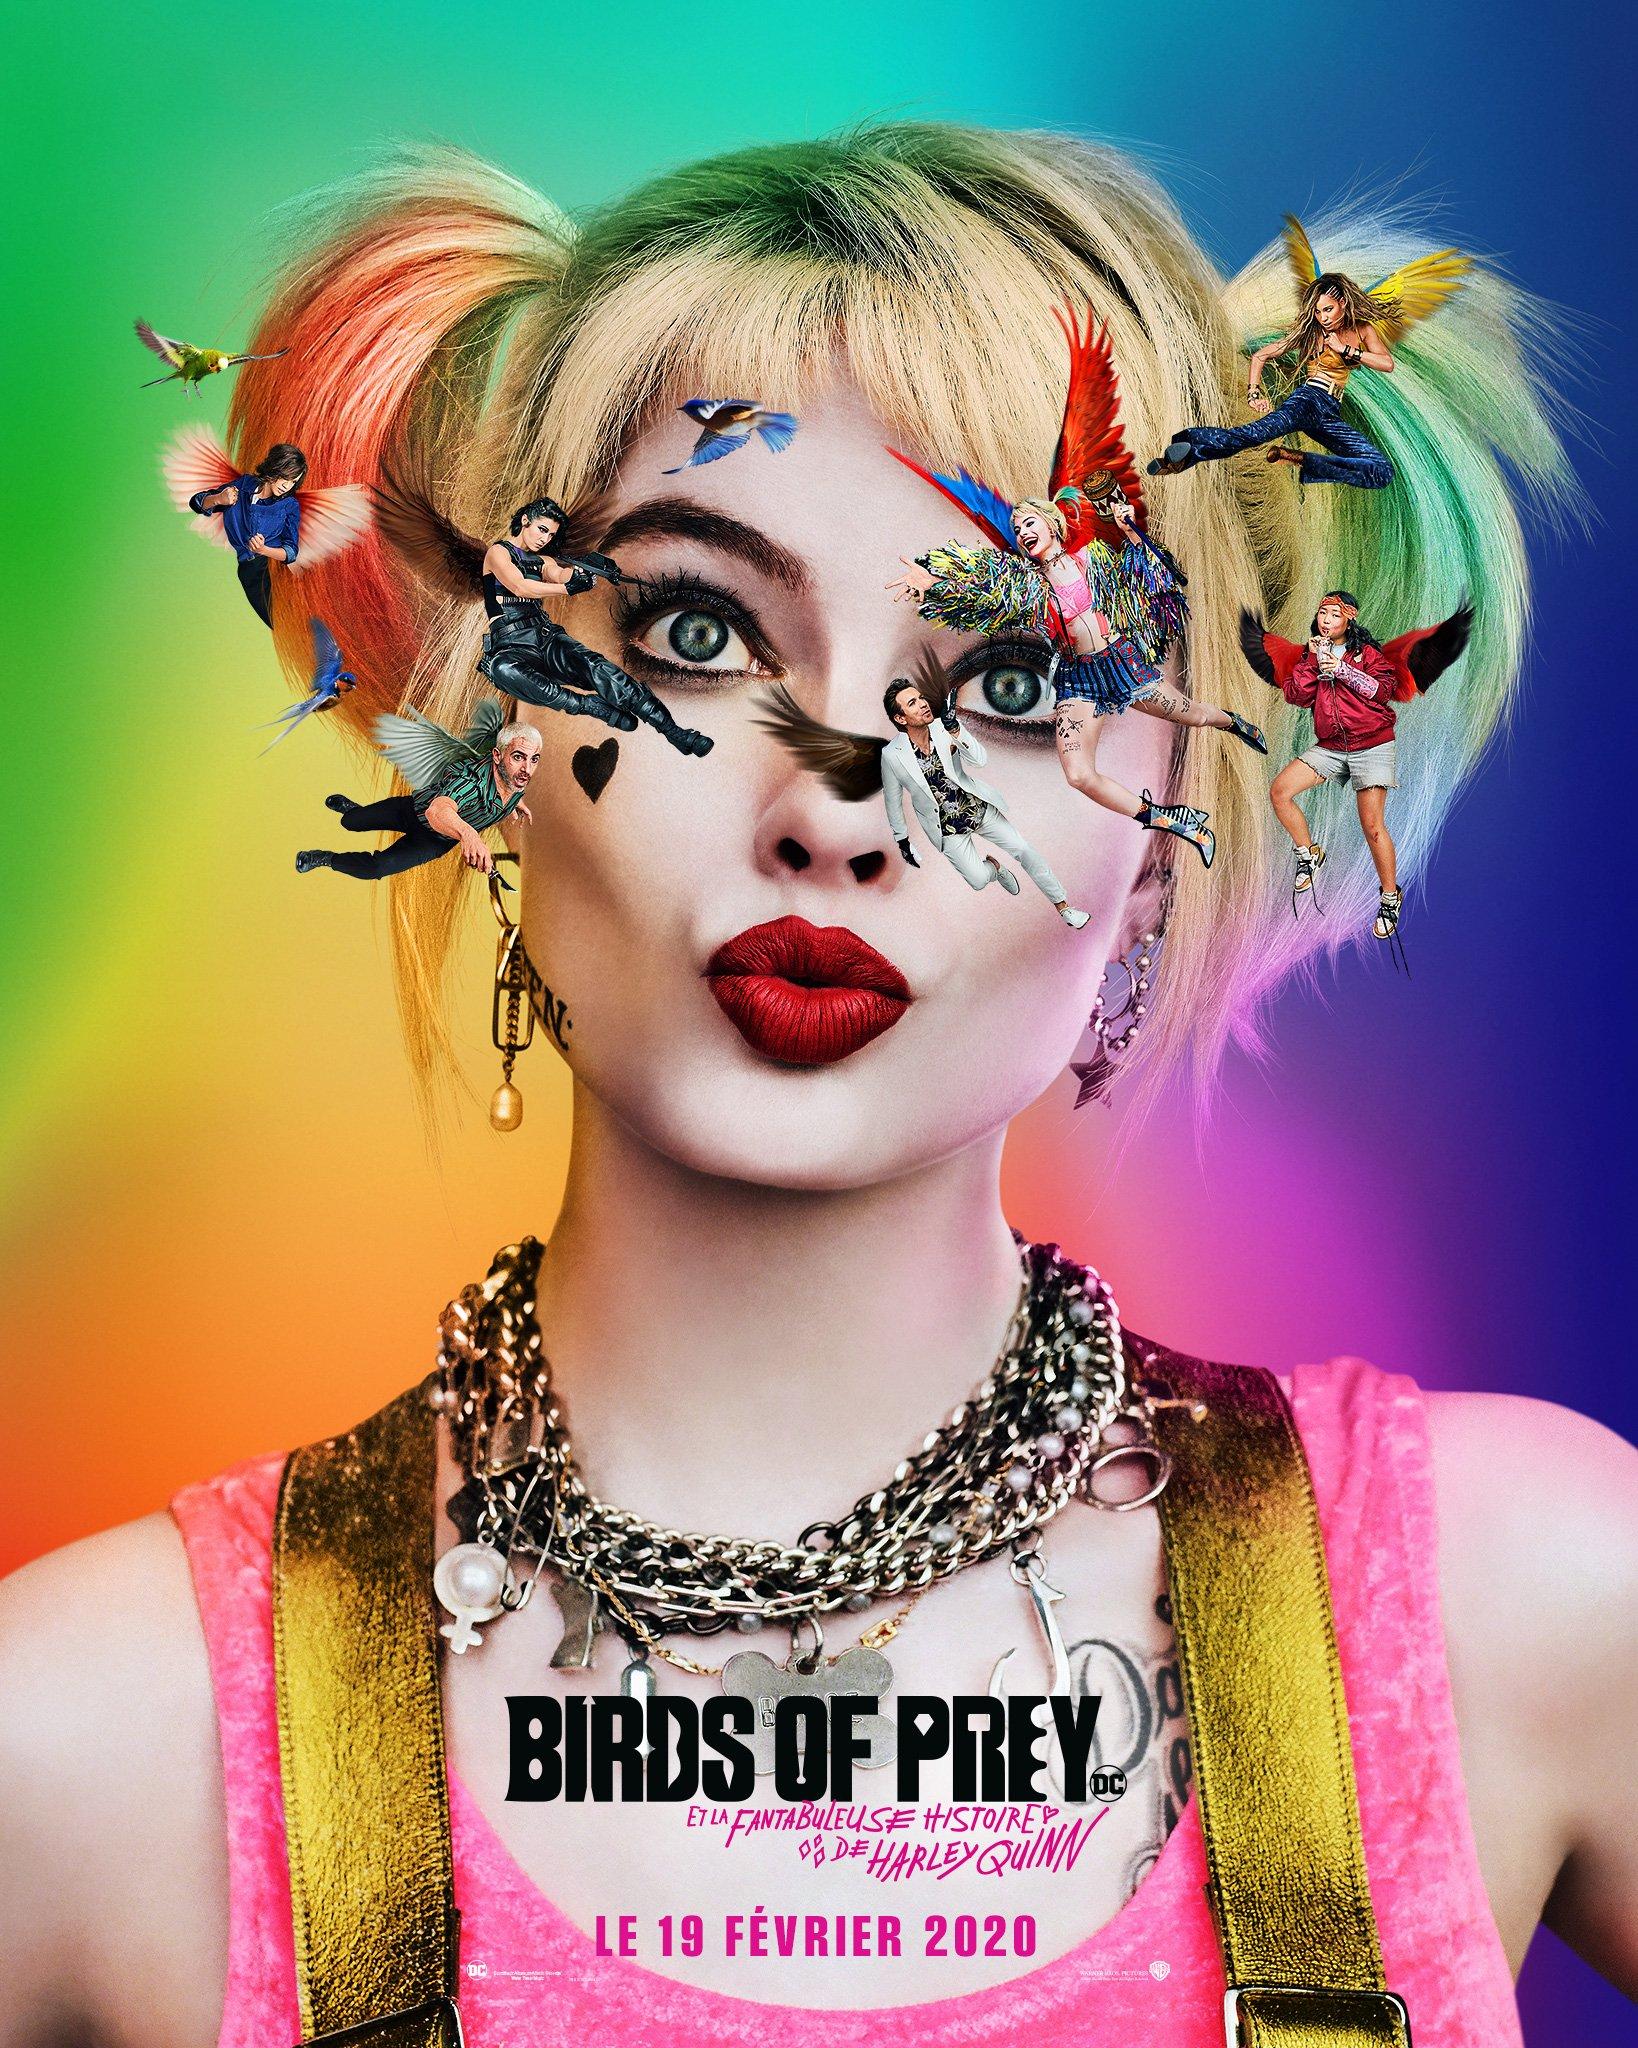 Birds of Prey et la fantabuleuse histoire de Harley Quinn streaming